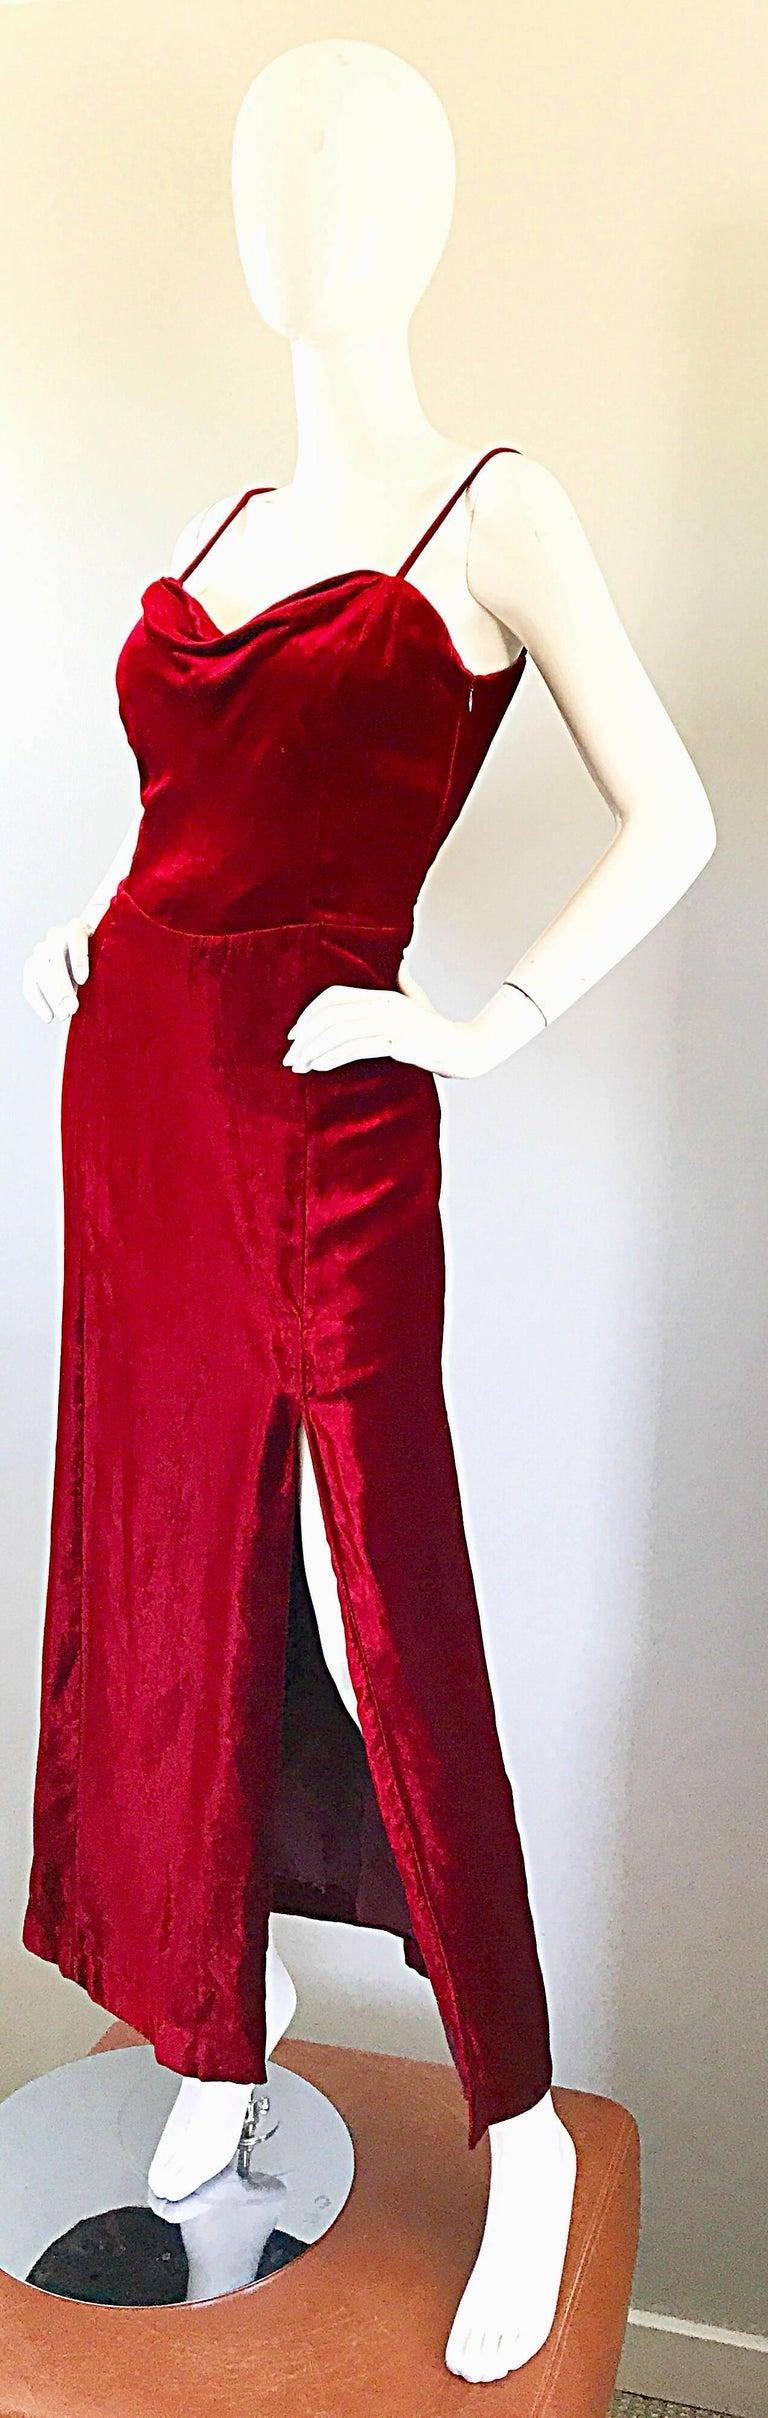 1990s Giorgio Armani Collezioni Crimson Red Silk Velvet Size 8 Vintage 90s Gown 4